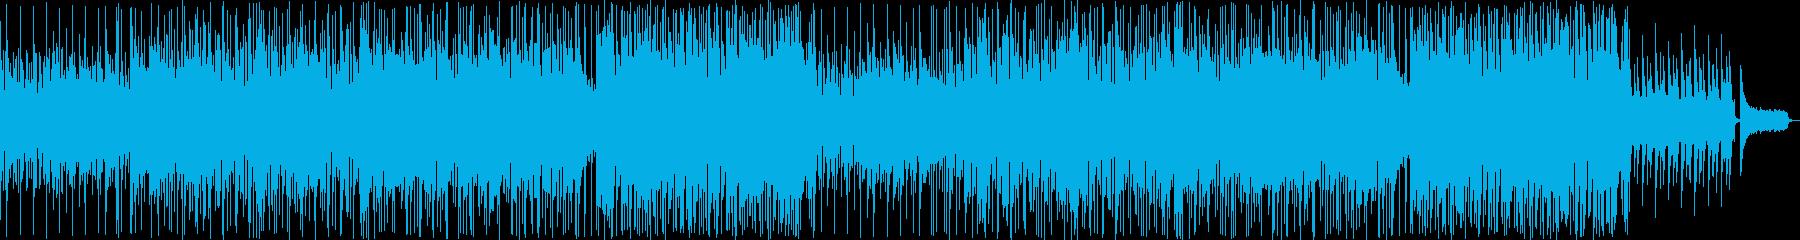 金属音がアクセントの美しいバラードの再生済みの波形